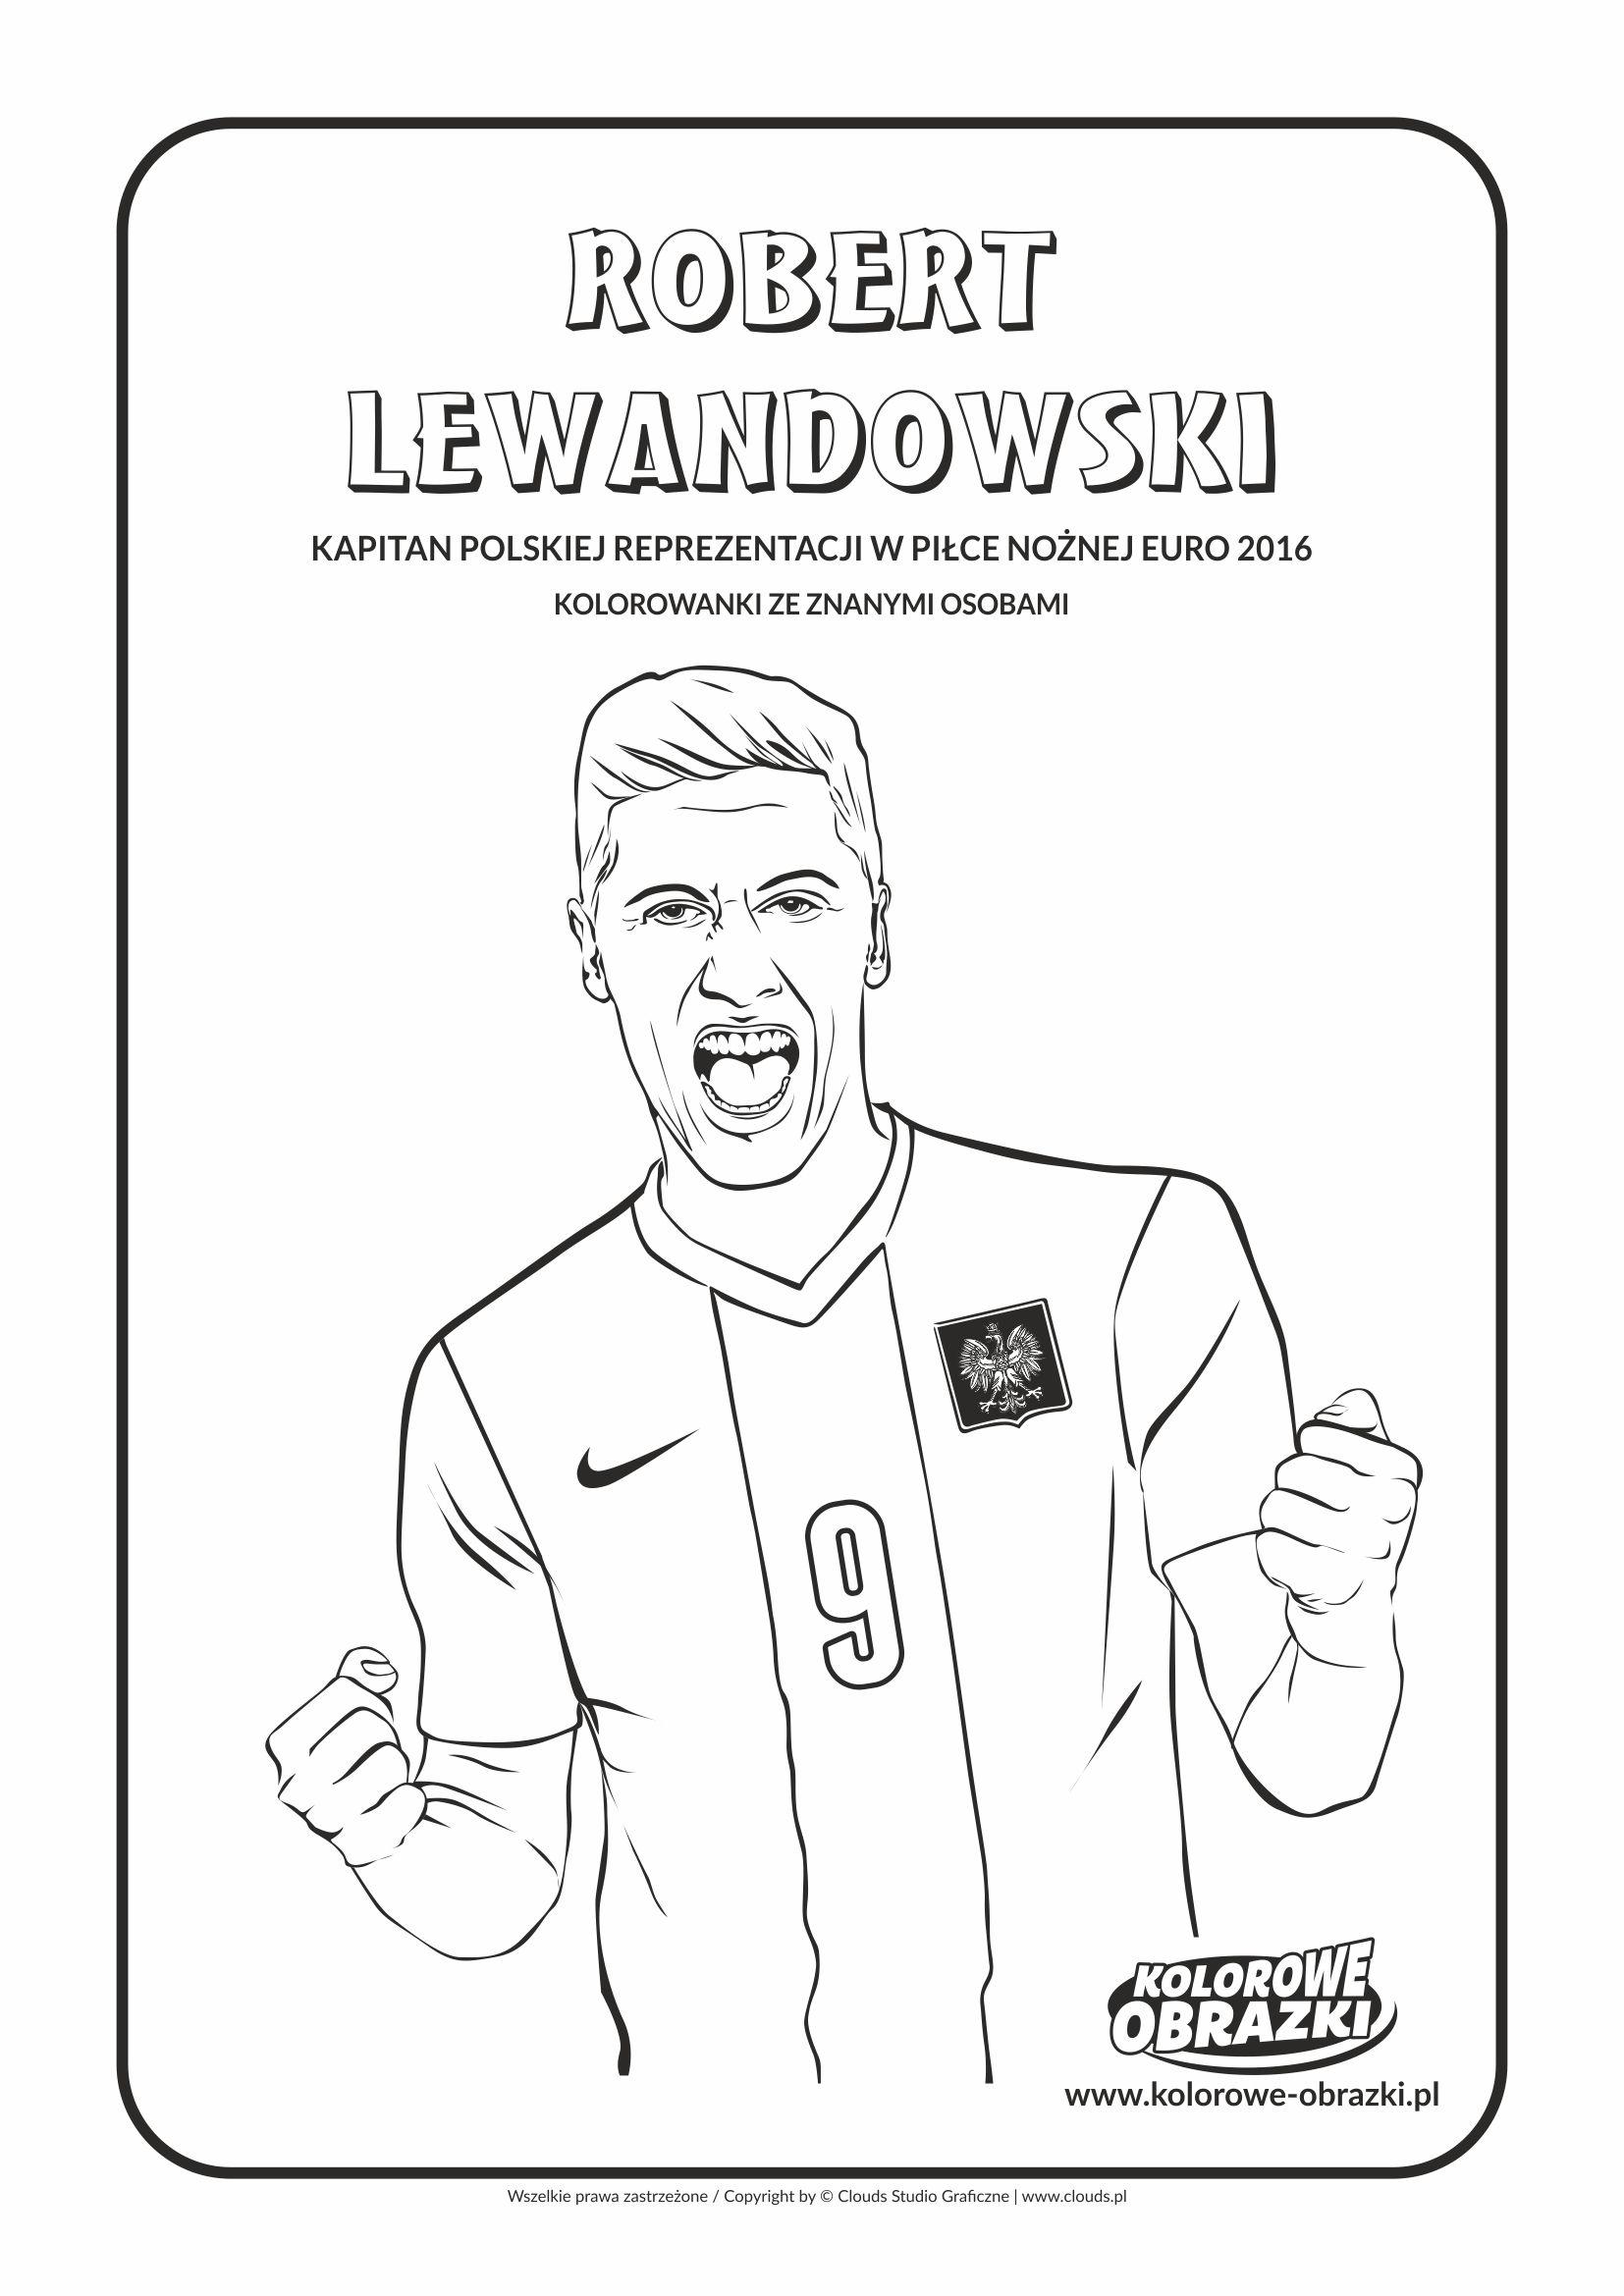 Robert Lewandowski With Images Kolorowanki Robert Lewandowski